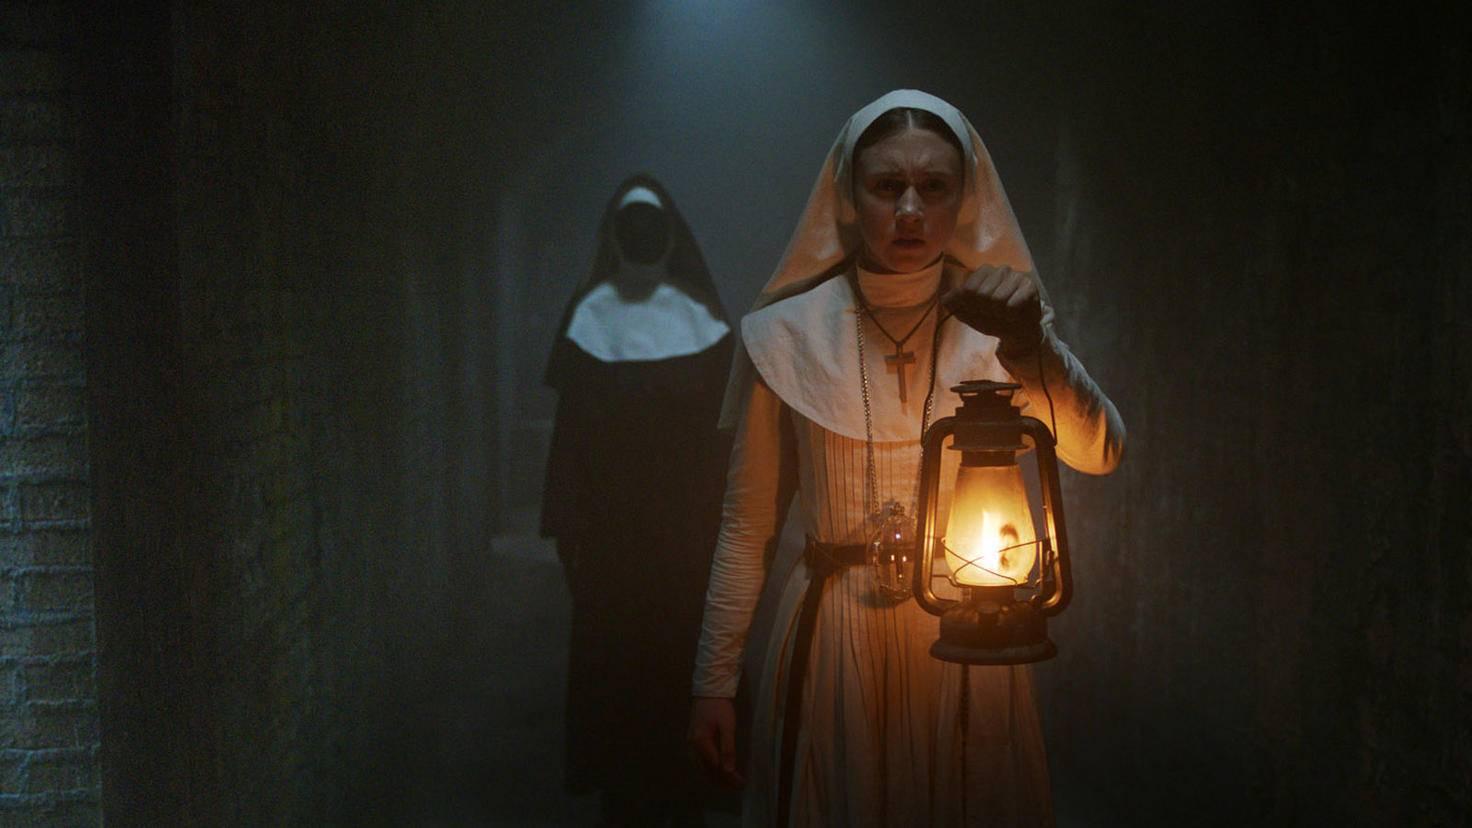 The Nun-Taissa Farmiga-Sister Irene-Courtesy of Warner Bros Pictures (6)